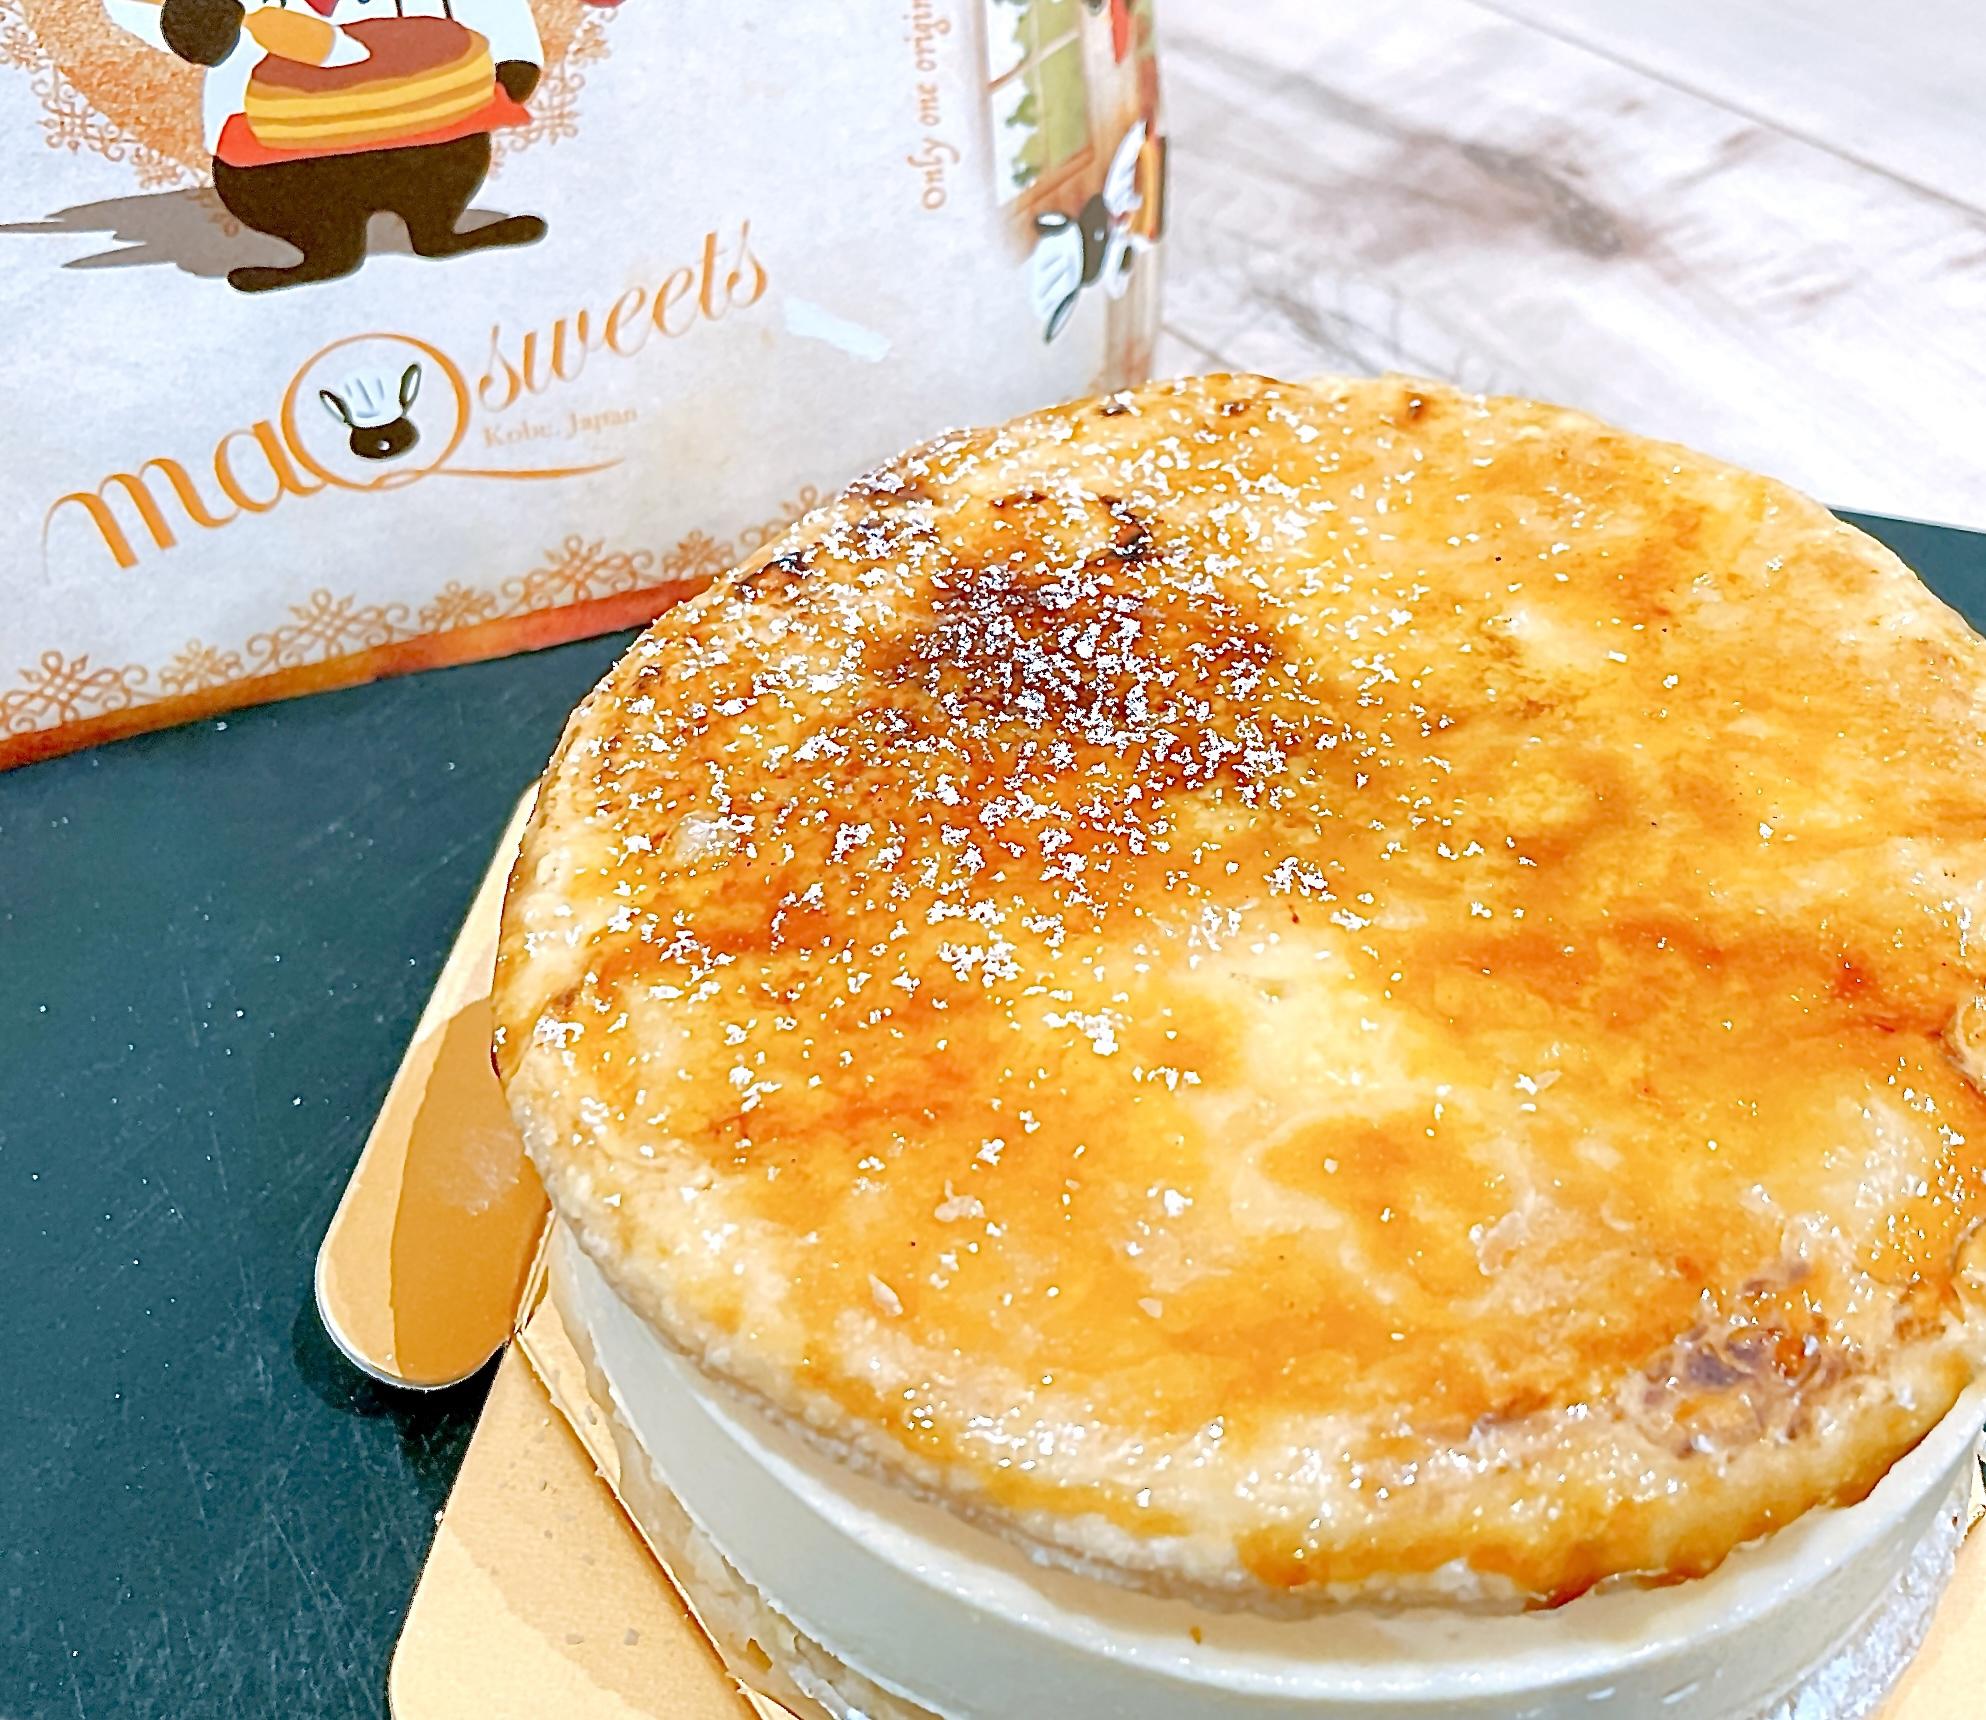 EGOAL(イーゴール)のブリュレチーズケーキ